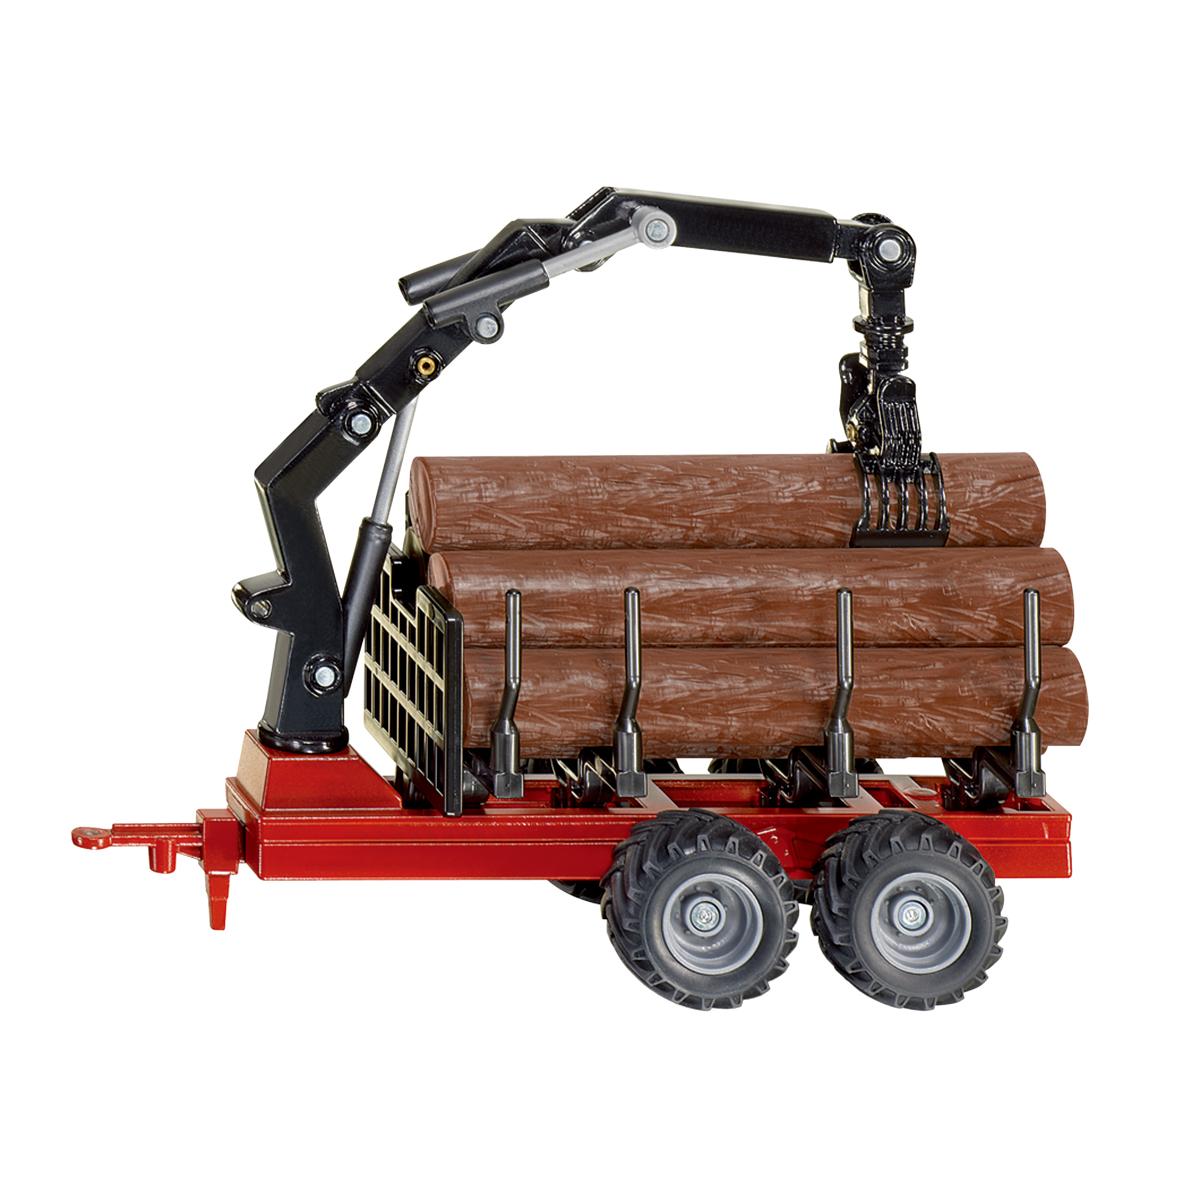 ファーマー 木材運搬用トレーラー 1/50(ジク・SIKU)